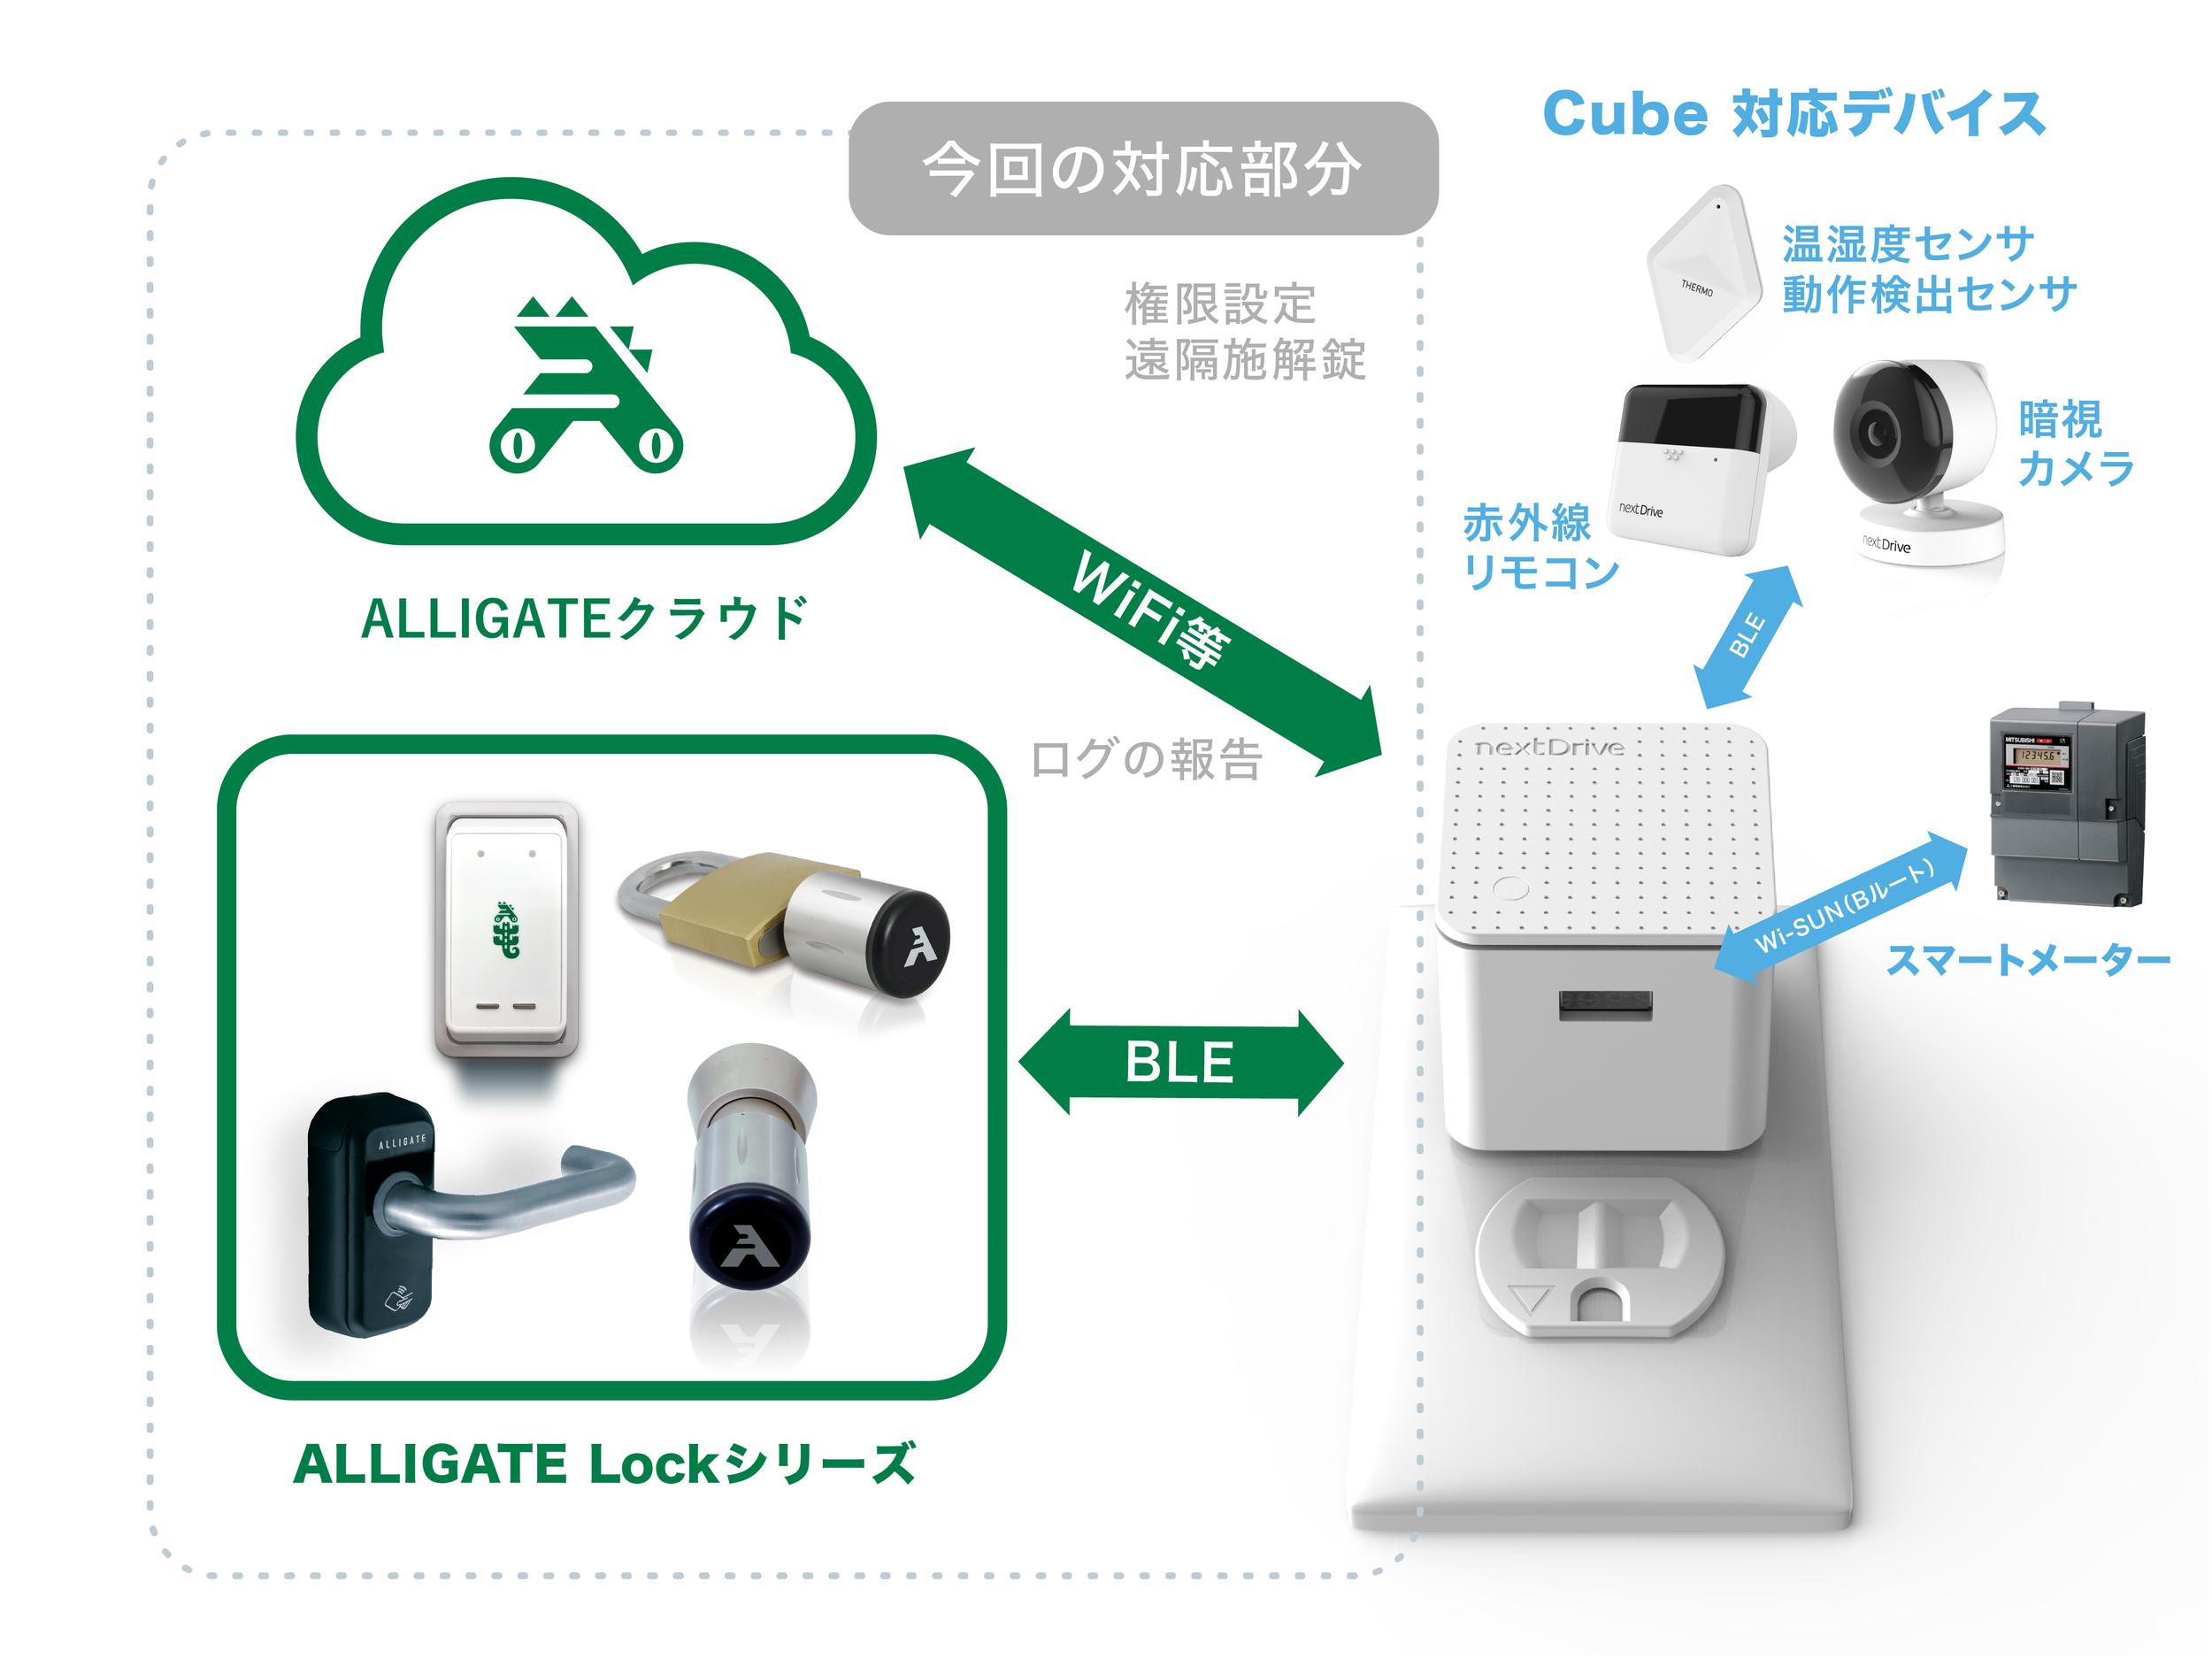 ▶ ALLIGATE LockシリーズとCubeの連動サービスのアーキテクチャ。出入管理のデータはBluetoothで即時にCubeに通信し、Wi-Fiでクラウドにアップロードします。